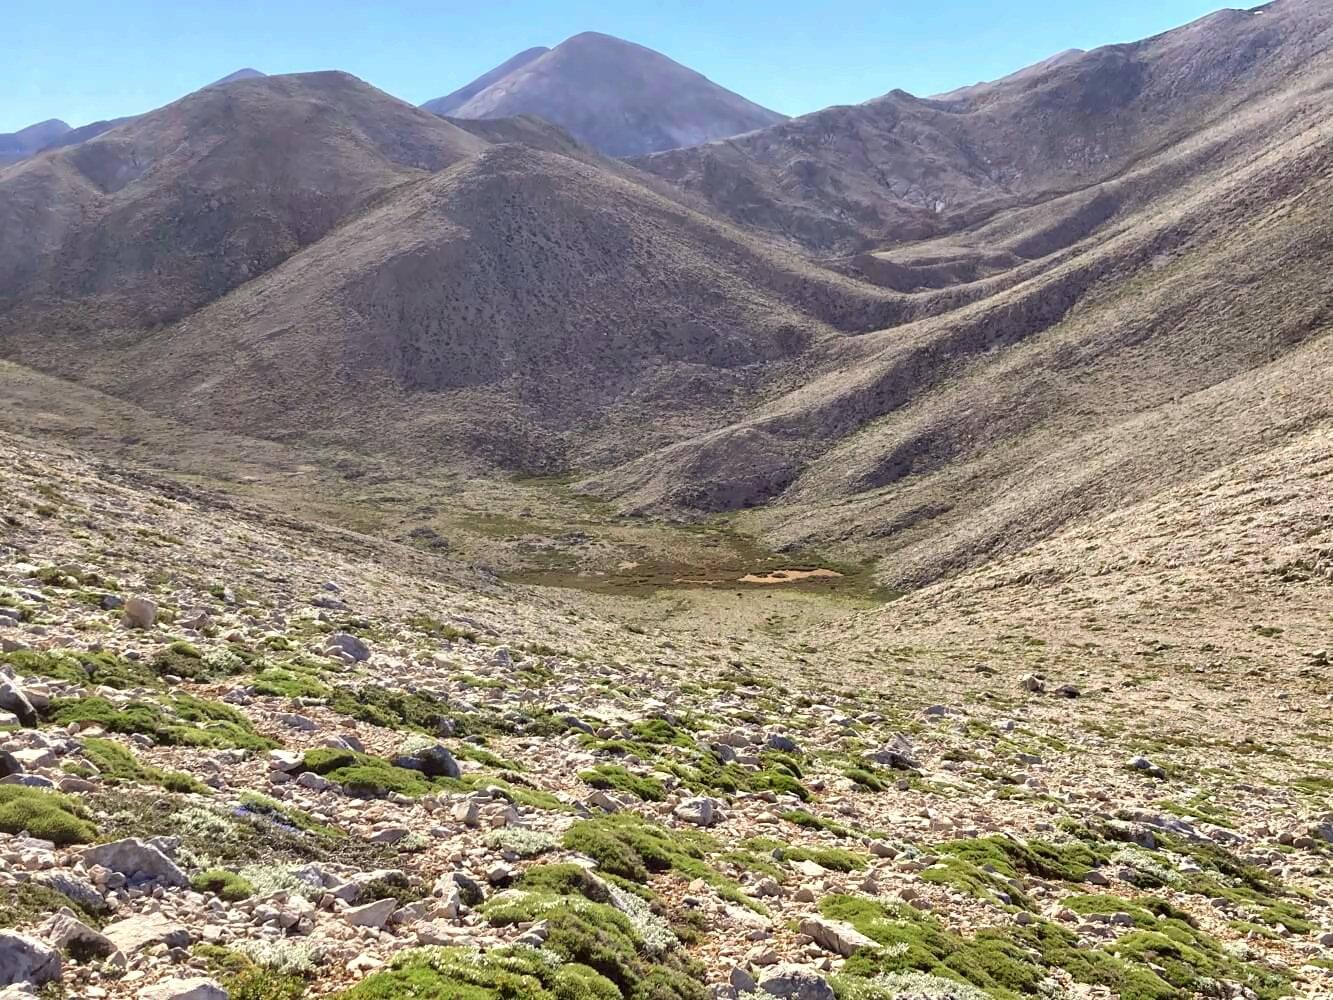 Zeltplatz in der Karstlandschaft der Weißen Berge von Kreta.